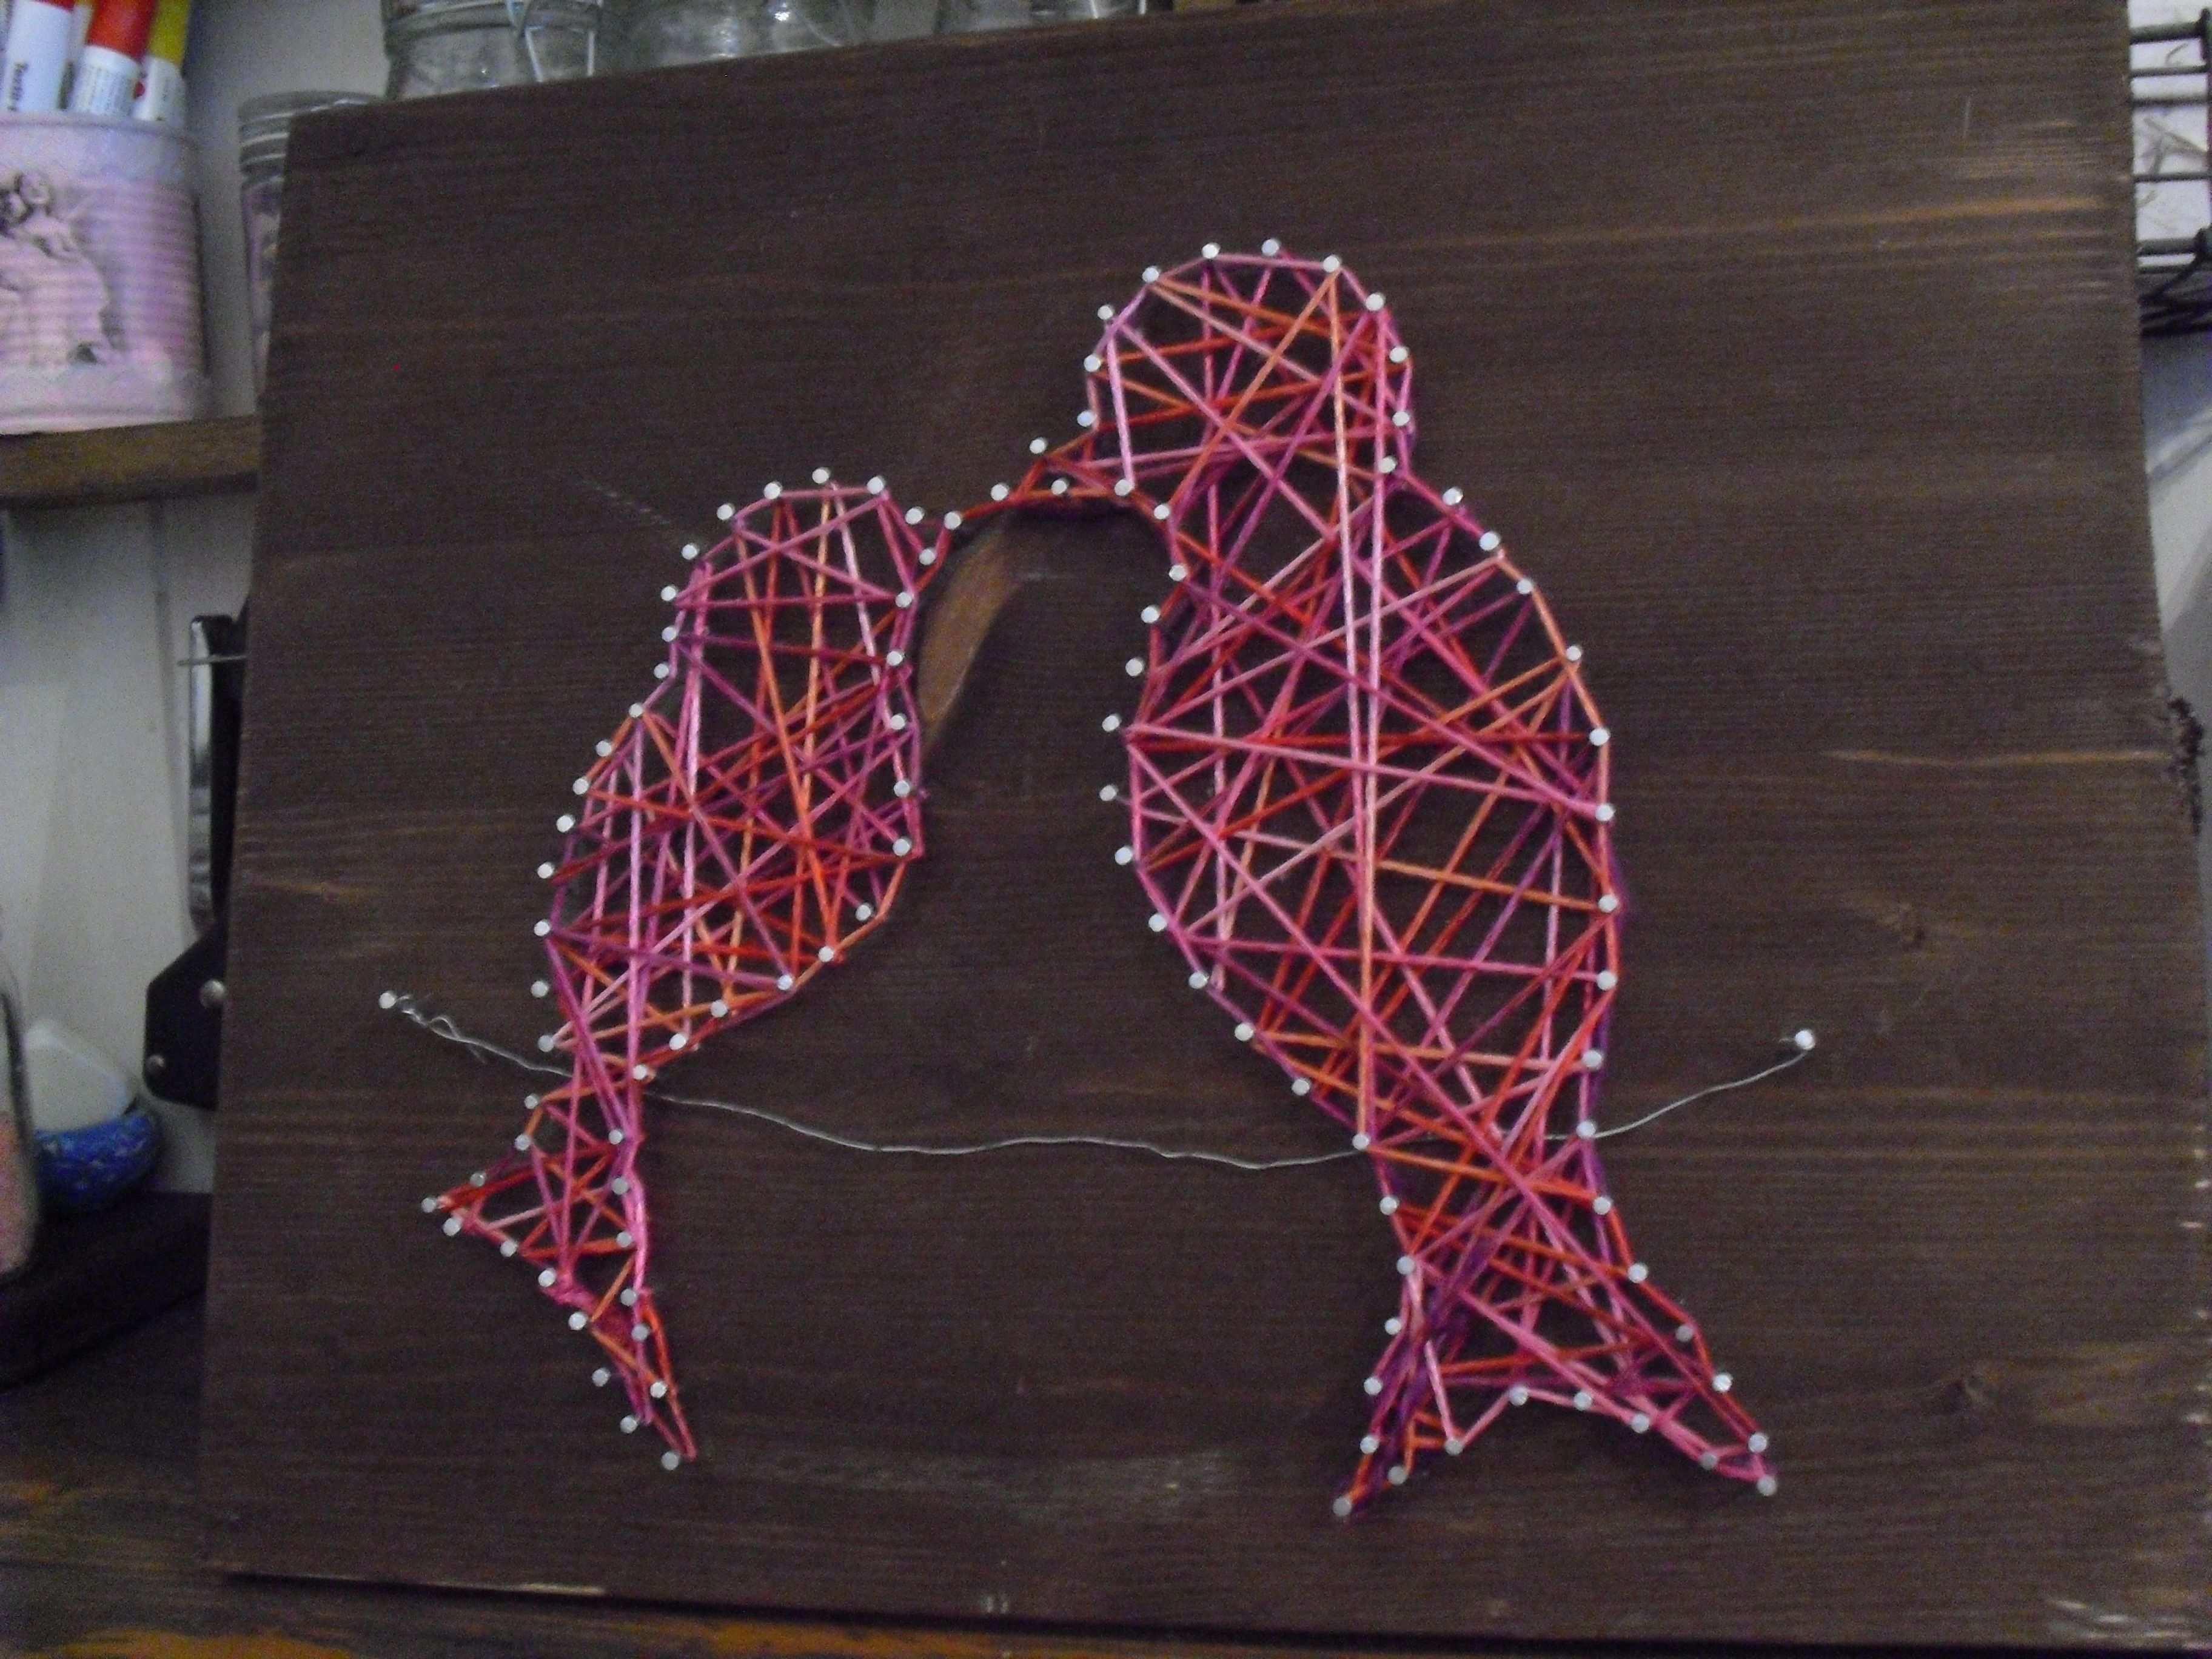 Weihnachts Diy 11 24 Nagelbild Nagelbilder Diy Geschenke Selber Machen Geschenkideen